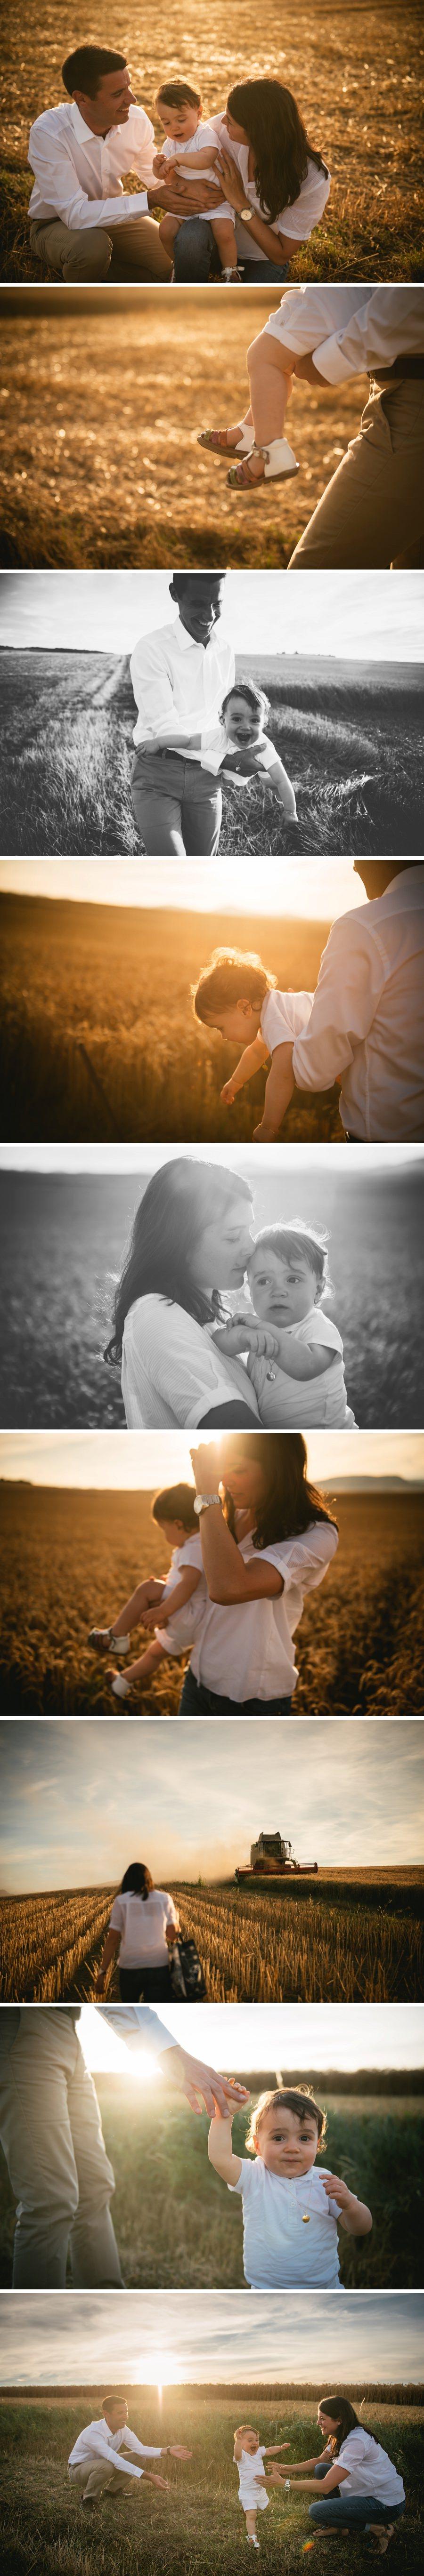 Une séance famille au coucher du soleil en Auvergne - Zephyr & Luna photography